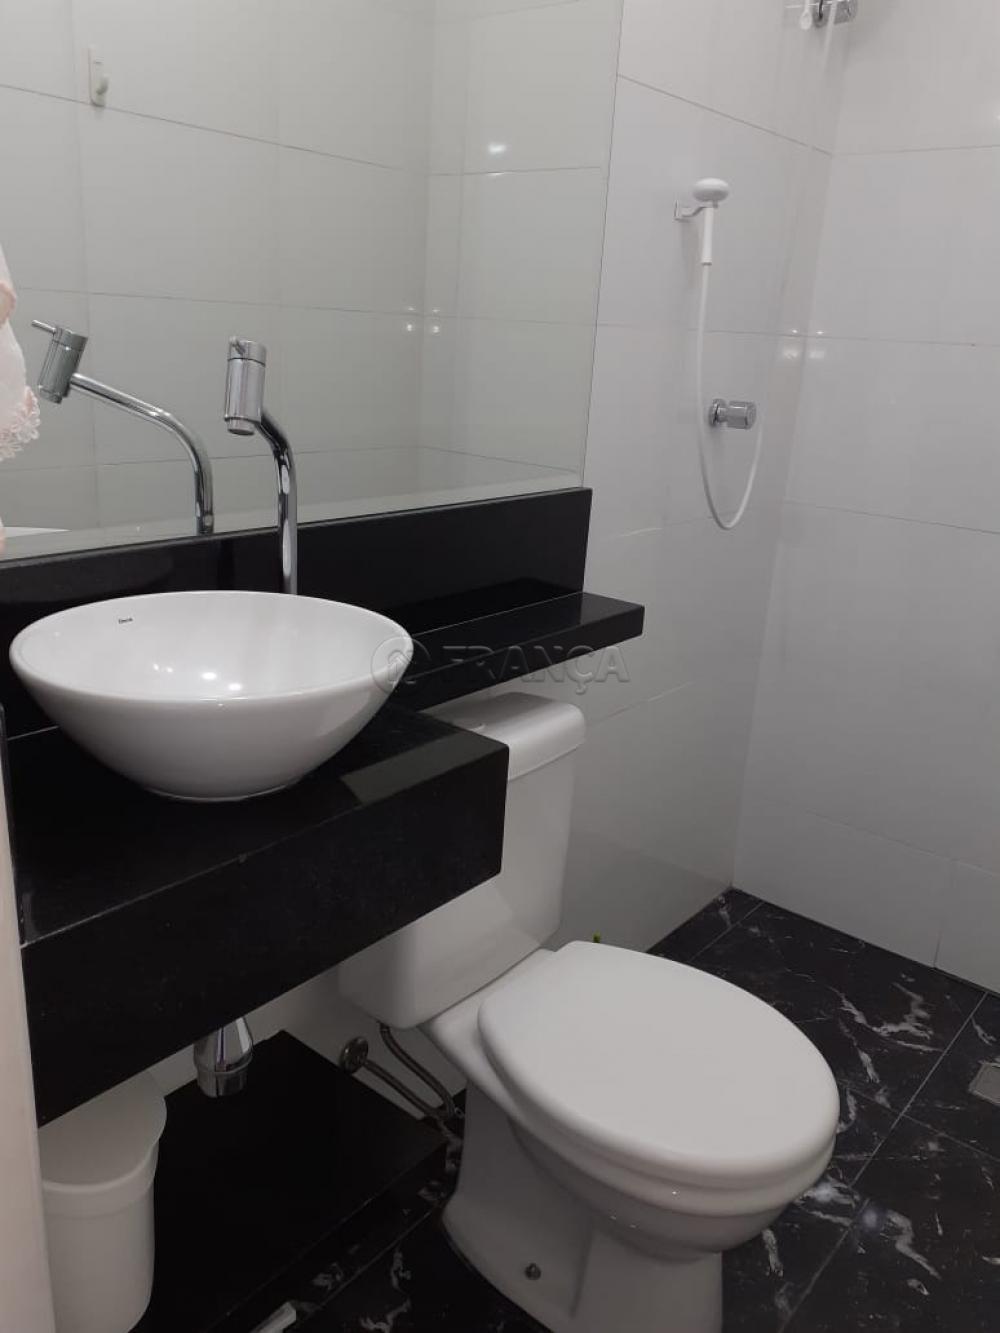 Comprar Casa / Condomínio em Jacareí apenas R$ 750.000,00 - Foto 17